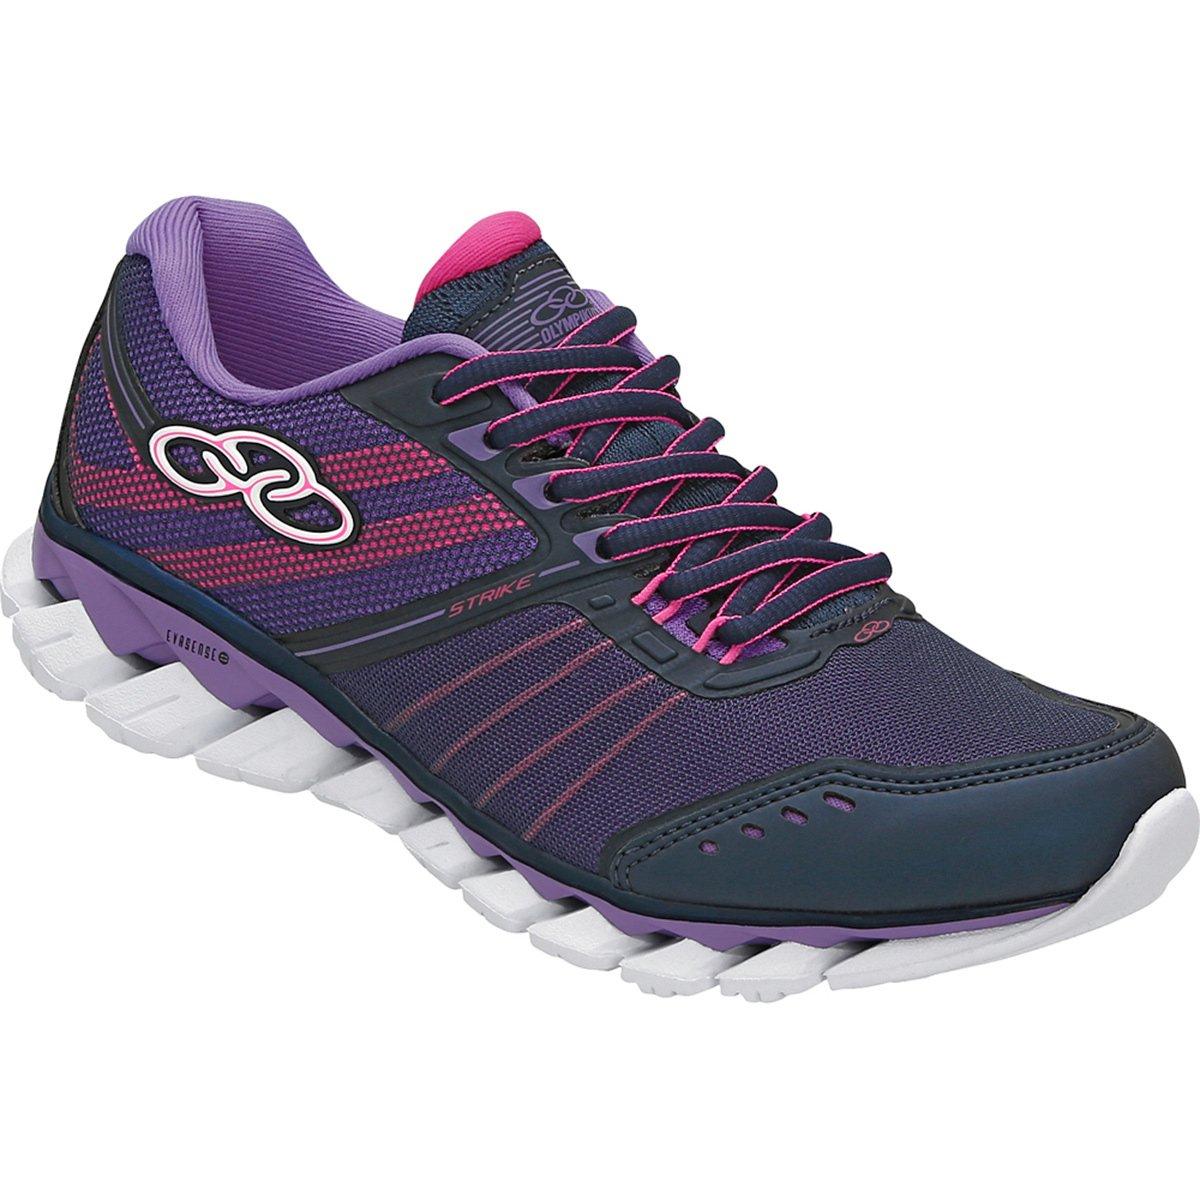 02b7e015f2 FornecedorNetshoes. Tênis Olympikus Strike Feminino